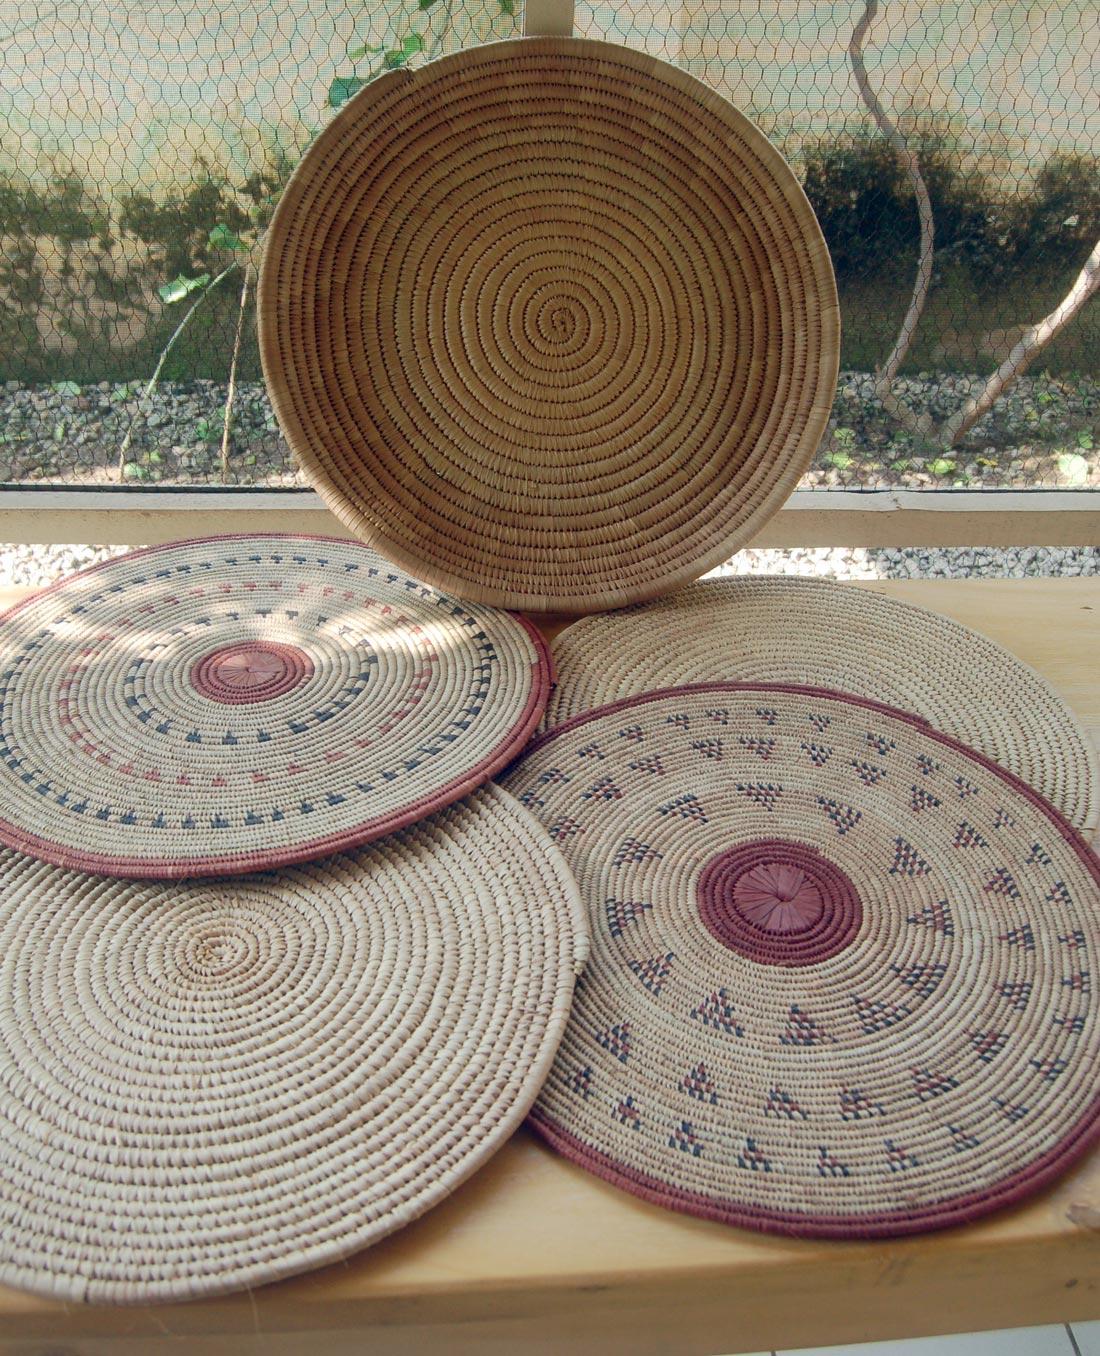 Baskets of Africa   Set #7 – Harvest Moon I